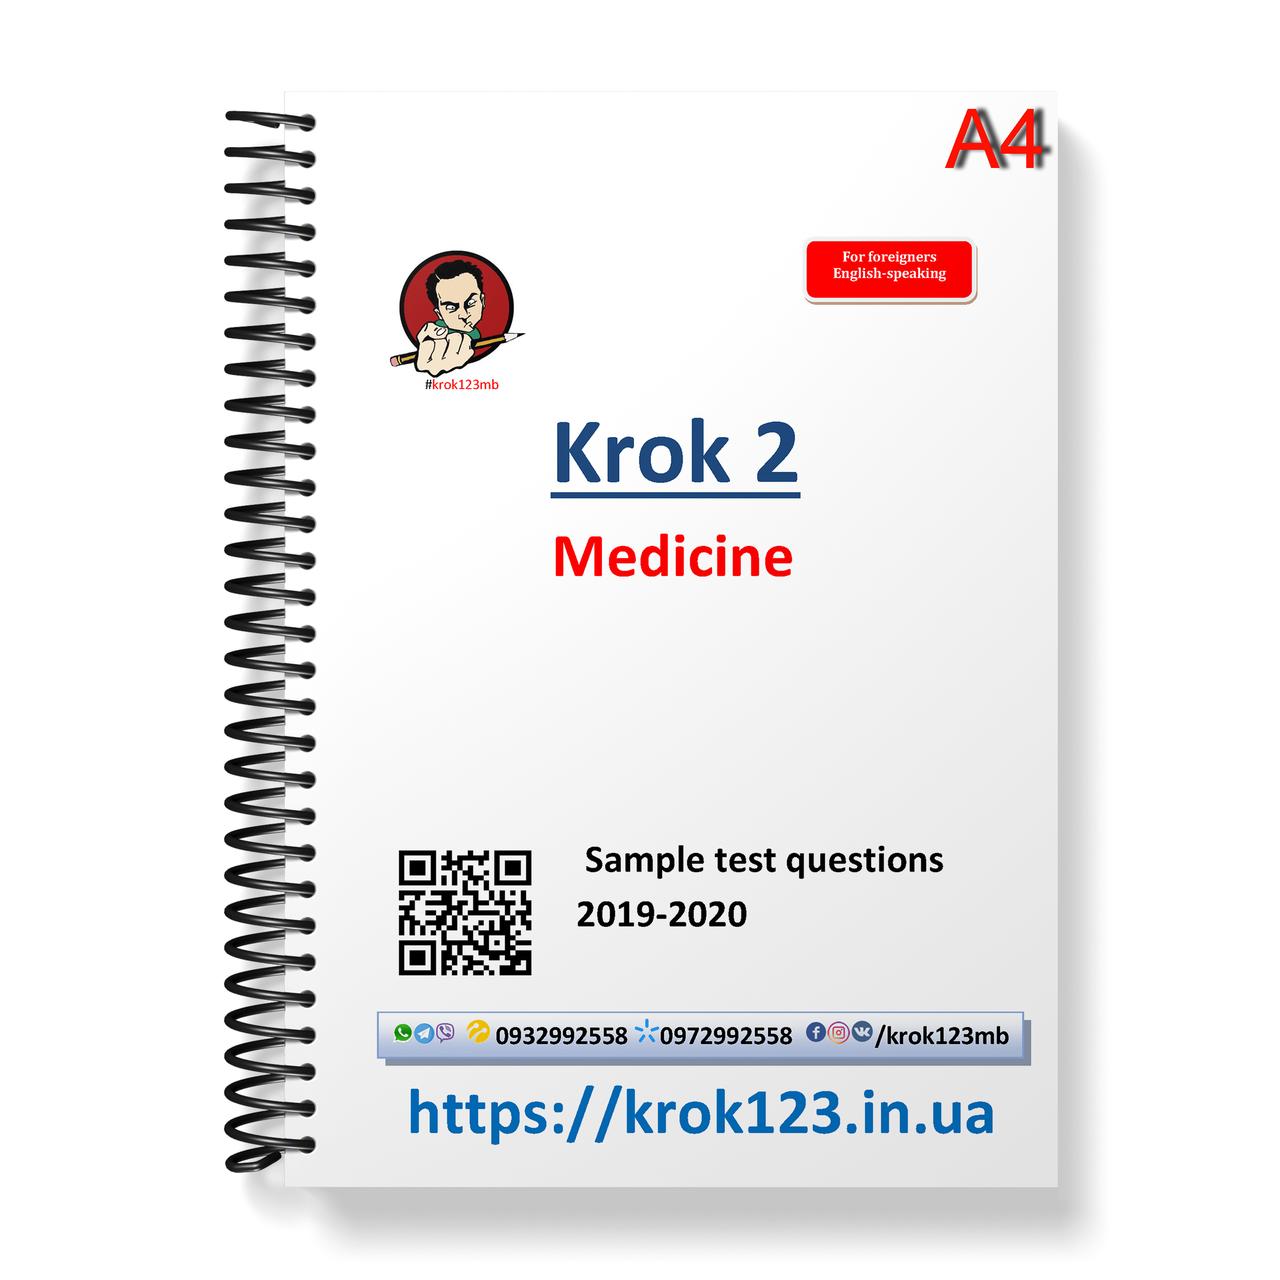 Крок 2. Медицина. ЕГКЭ (Примеры тестовых заданий) 2019-2020. Для иностранцев англоязычных. Формат А4